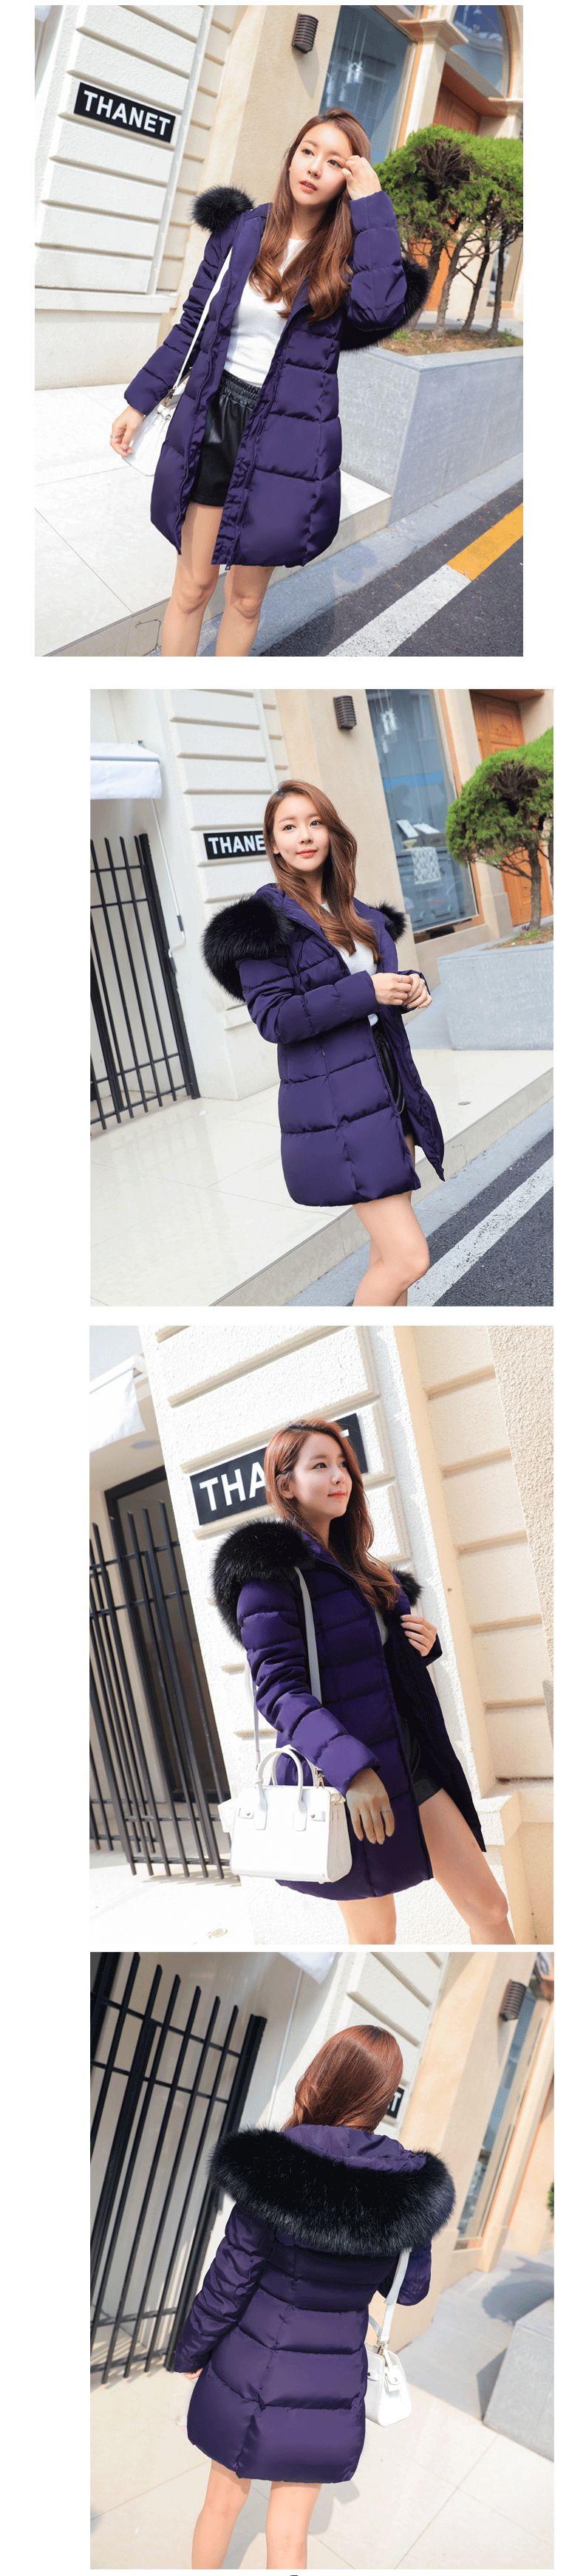 เสื้อแจ็คเก็ตแฟชั่นมีหมวกฉบับเกาหลี